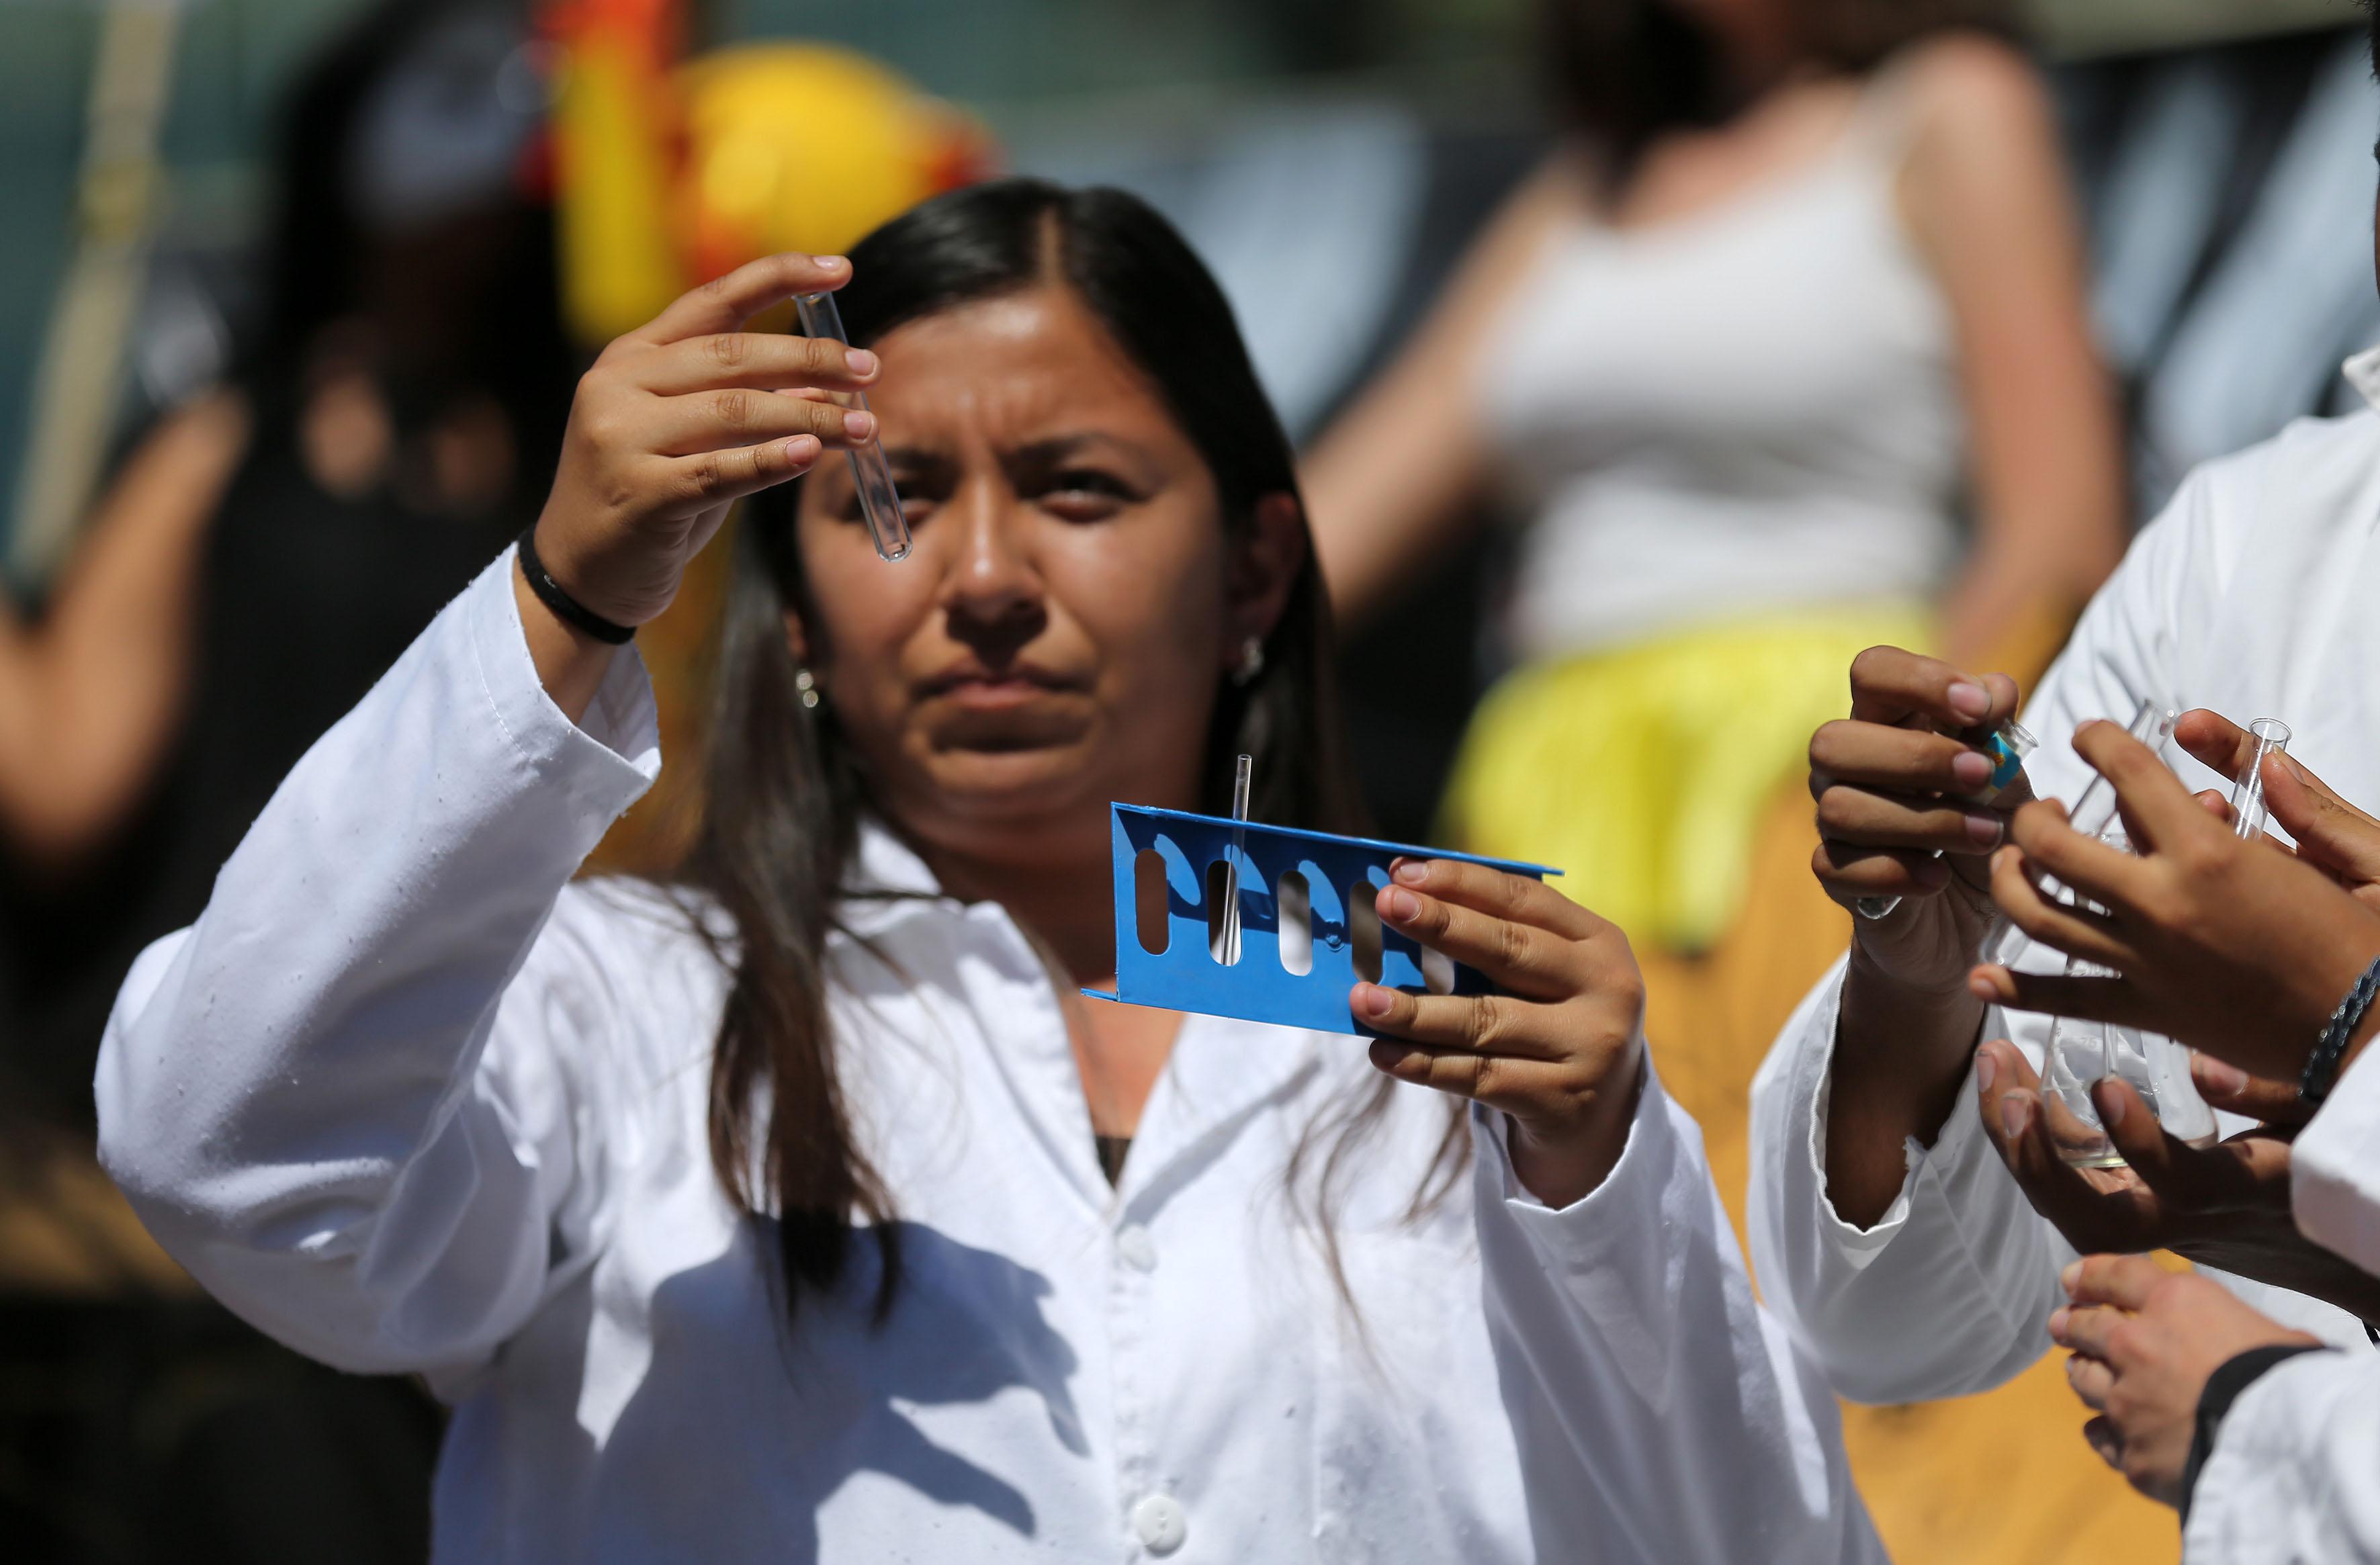 Estudiante de la licenciatura en Química del Centro Universitario de Ciencias Exactas e Ingenierías (CUCEI), de la Universidad de Guadalajara (UdeG), participando en el Aquelarre